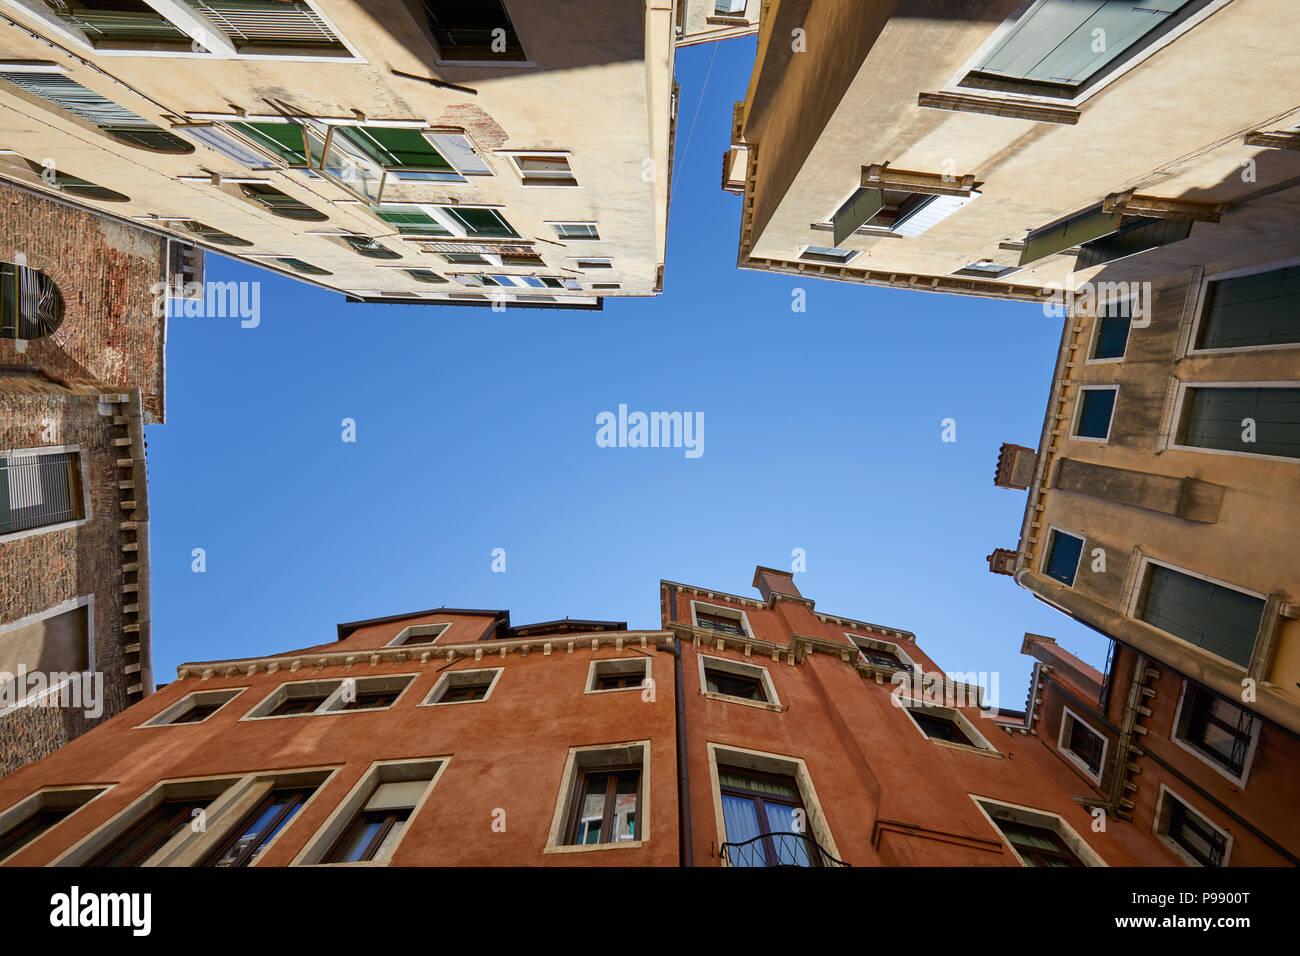 Venezia edifici e case di facciate a basso angolo di visione in una giornata di sole e cielo blu in Italia Immagini Stock